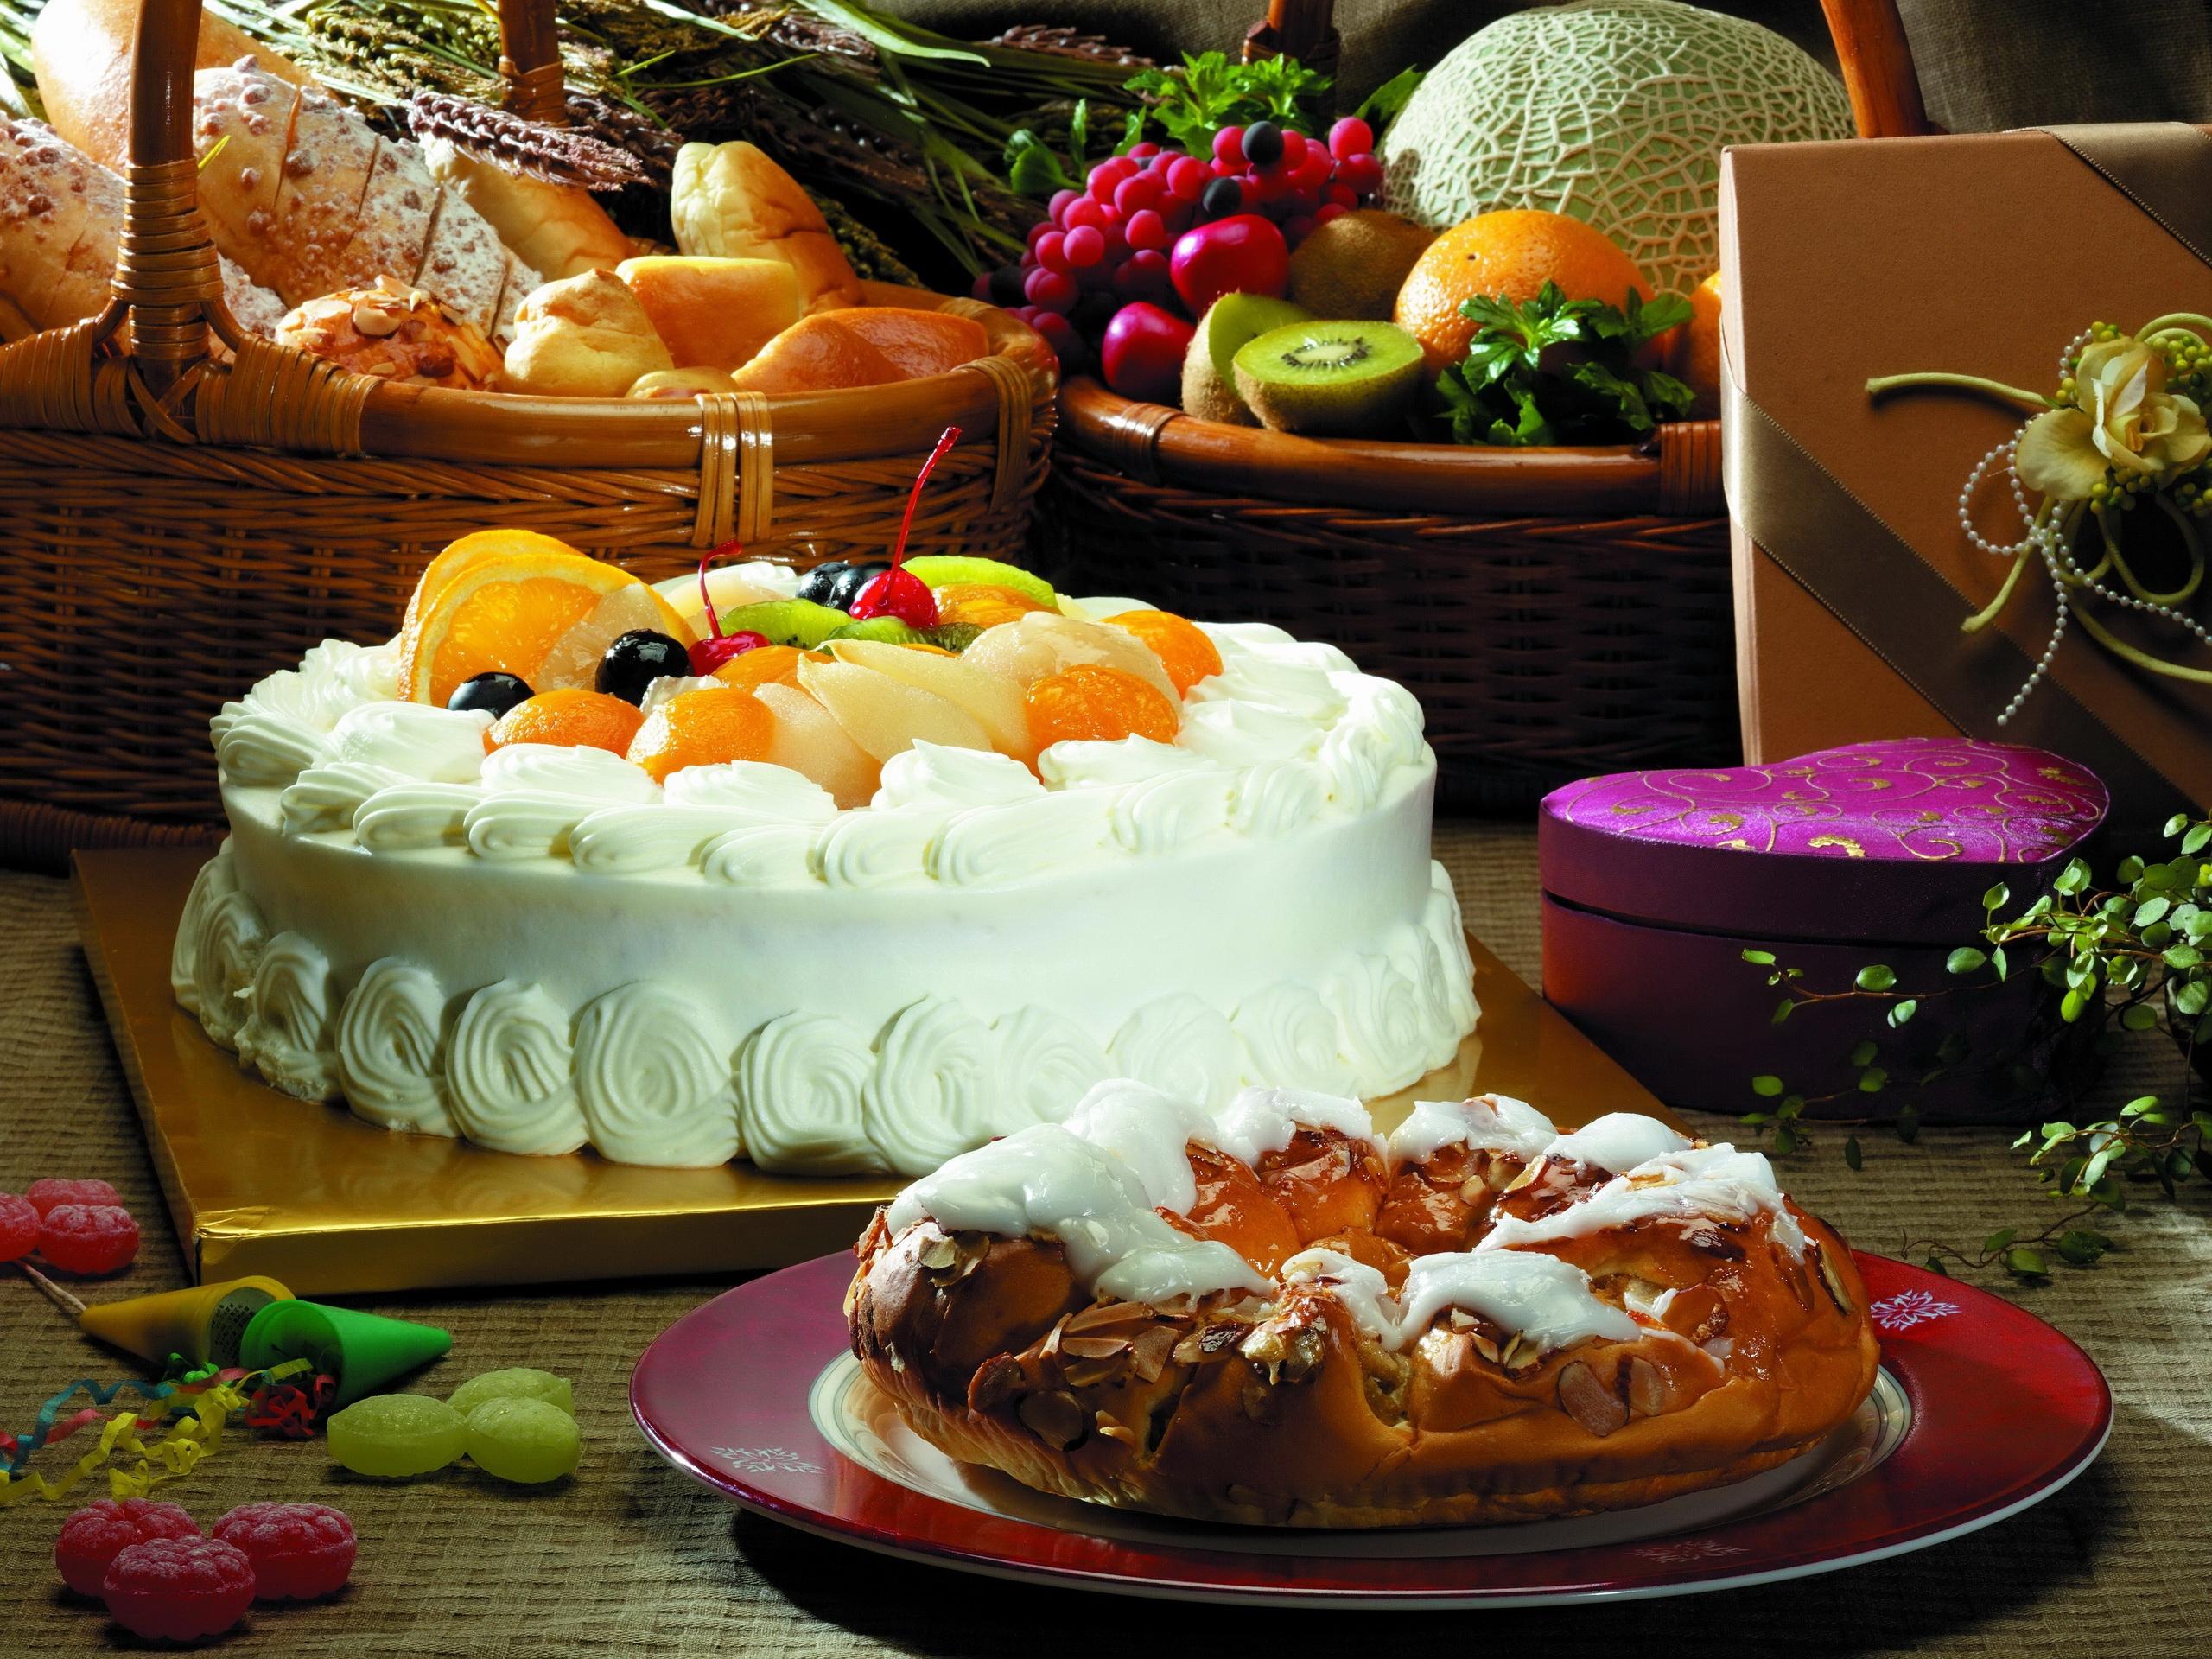 154656 скачать обои Торт, Еда, Пустыня, Глазурь, Сочный, Сдоба, Вкусный - заставки и картинки бесплатно